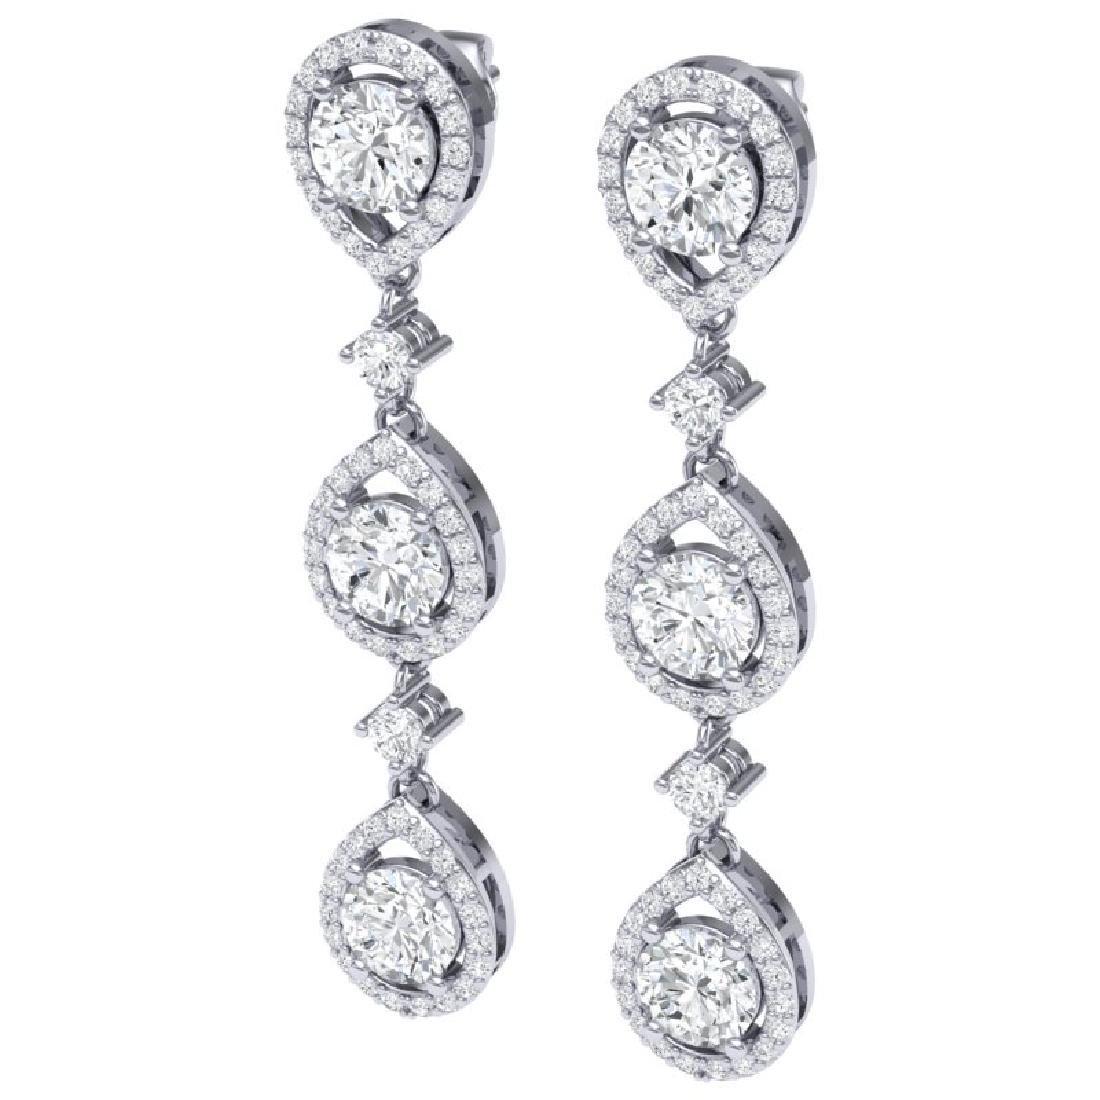 4.45 CTW Royalty Designer VS/SI Diamond Earrings 18K - 2